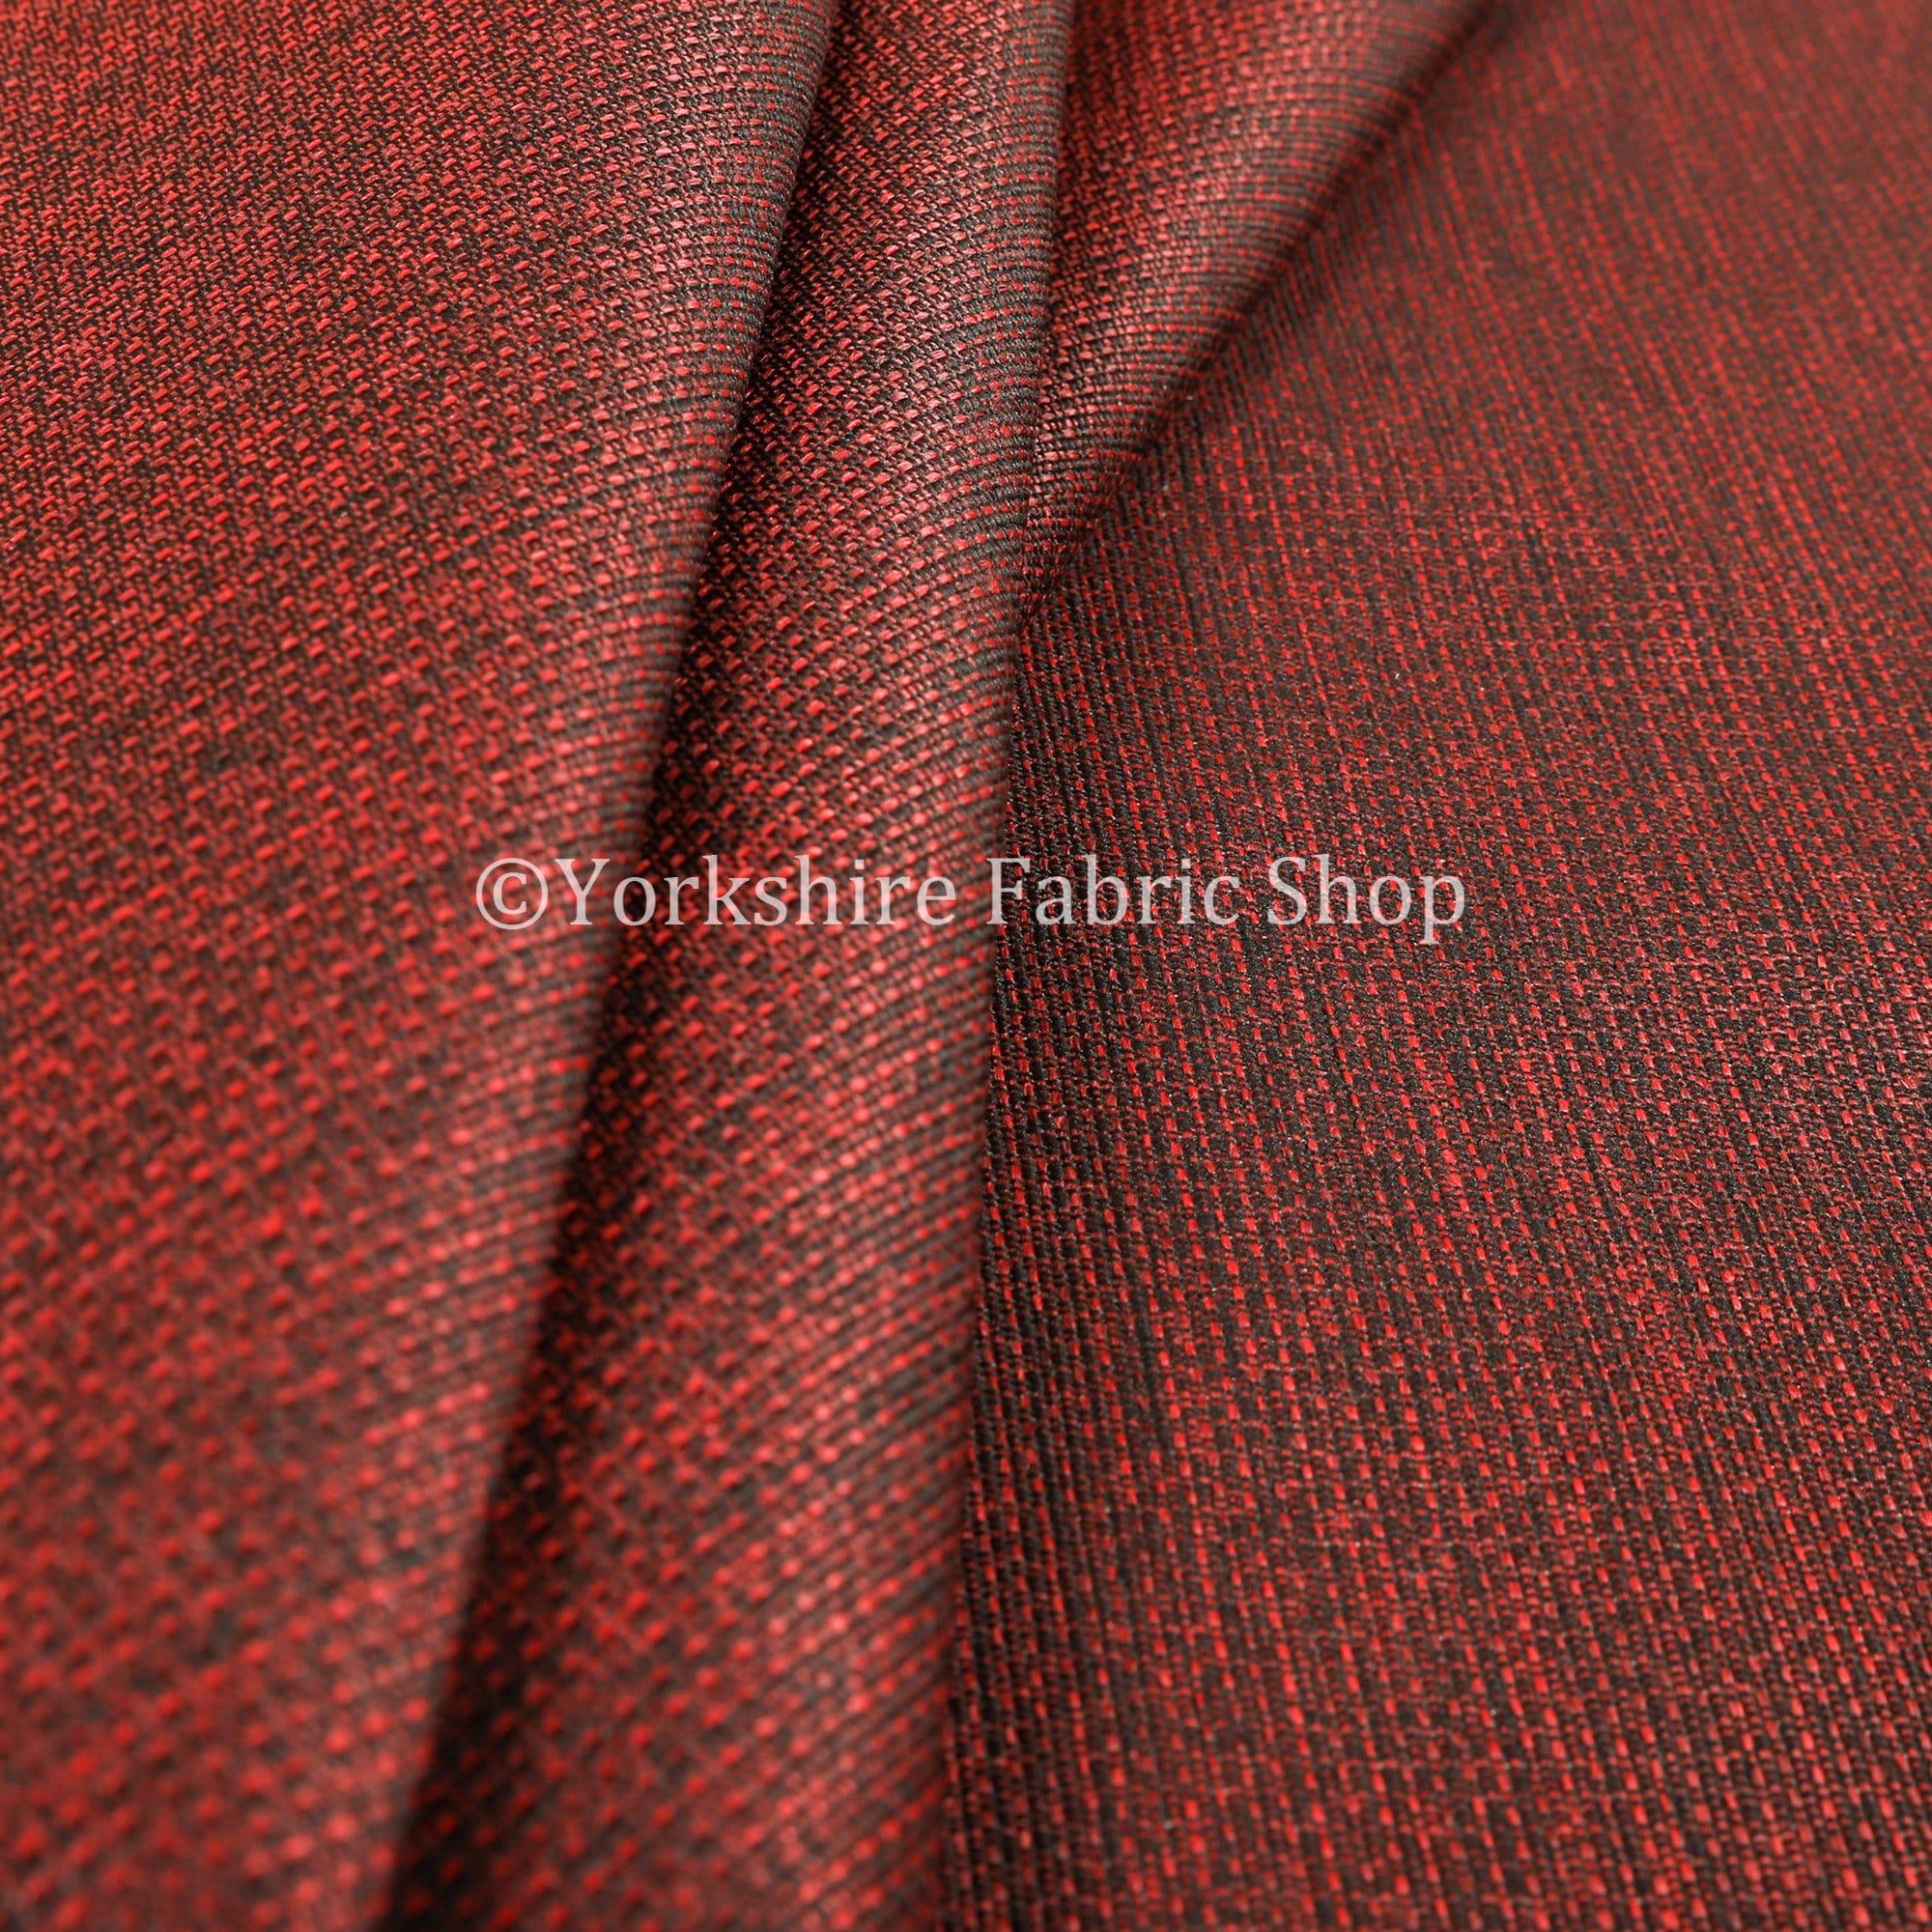 Chenille Chenille Chenille moderne plaine lisse texturé ameublement rouge Rideau tissu - vendu par 10 mètres longueur tissu d'ameublement 1f2c4f